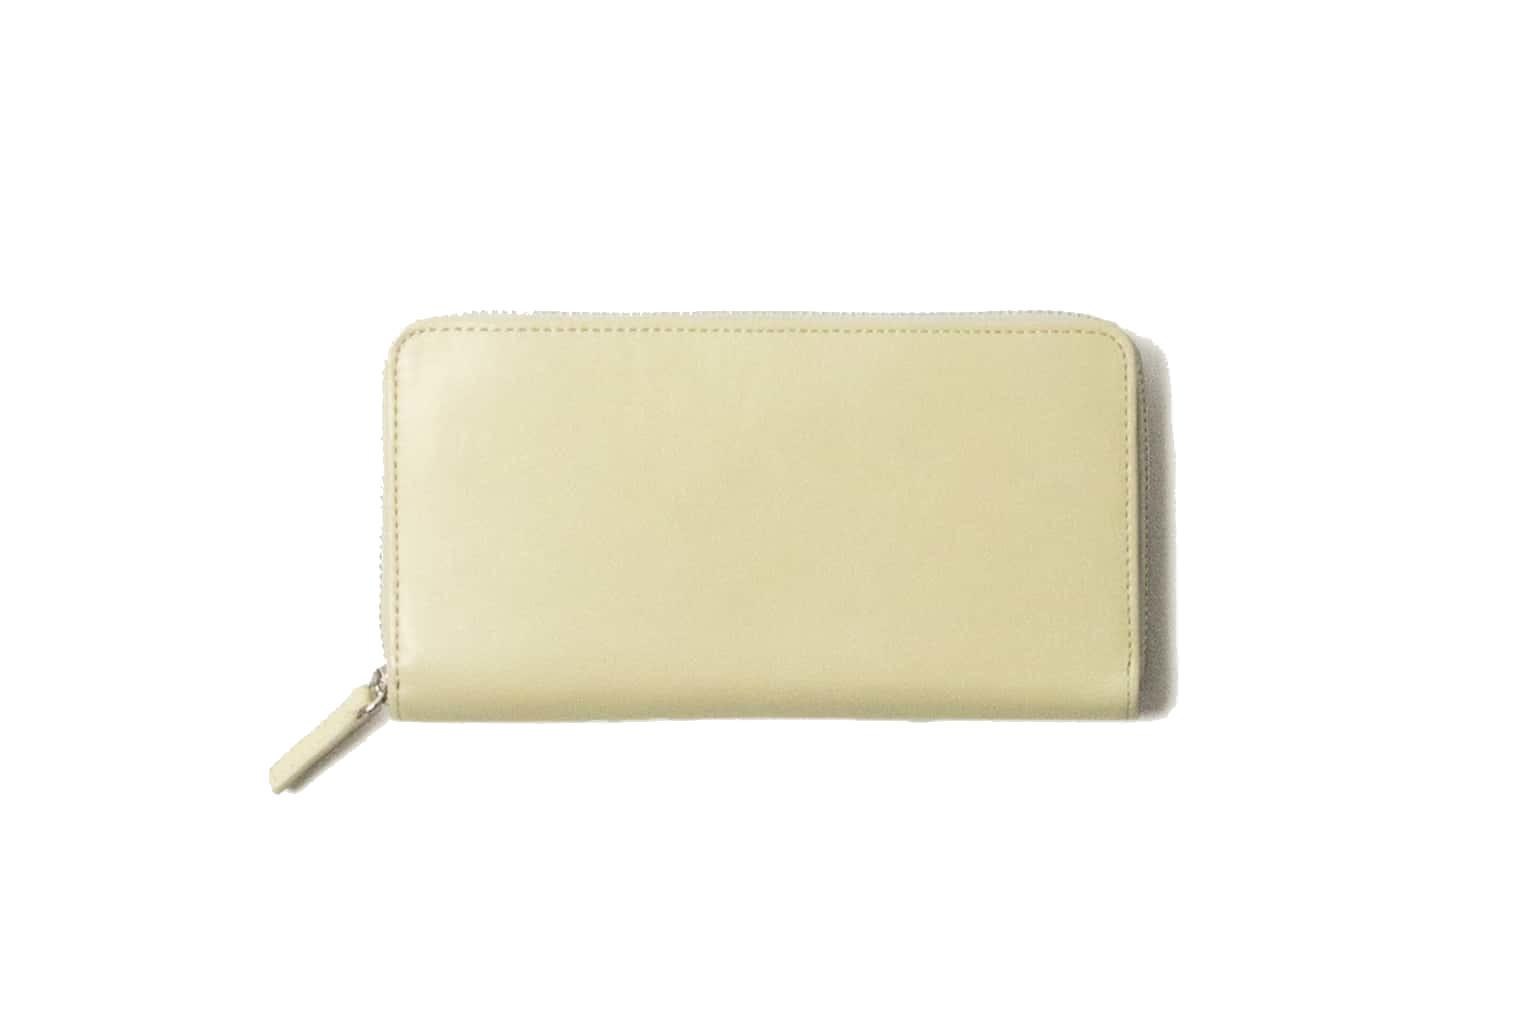 ホワイトベージュ Business Leather Factory(ビジネスレザーファクトリー) 長財布(ラウンドファスナー)